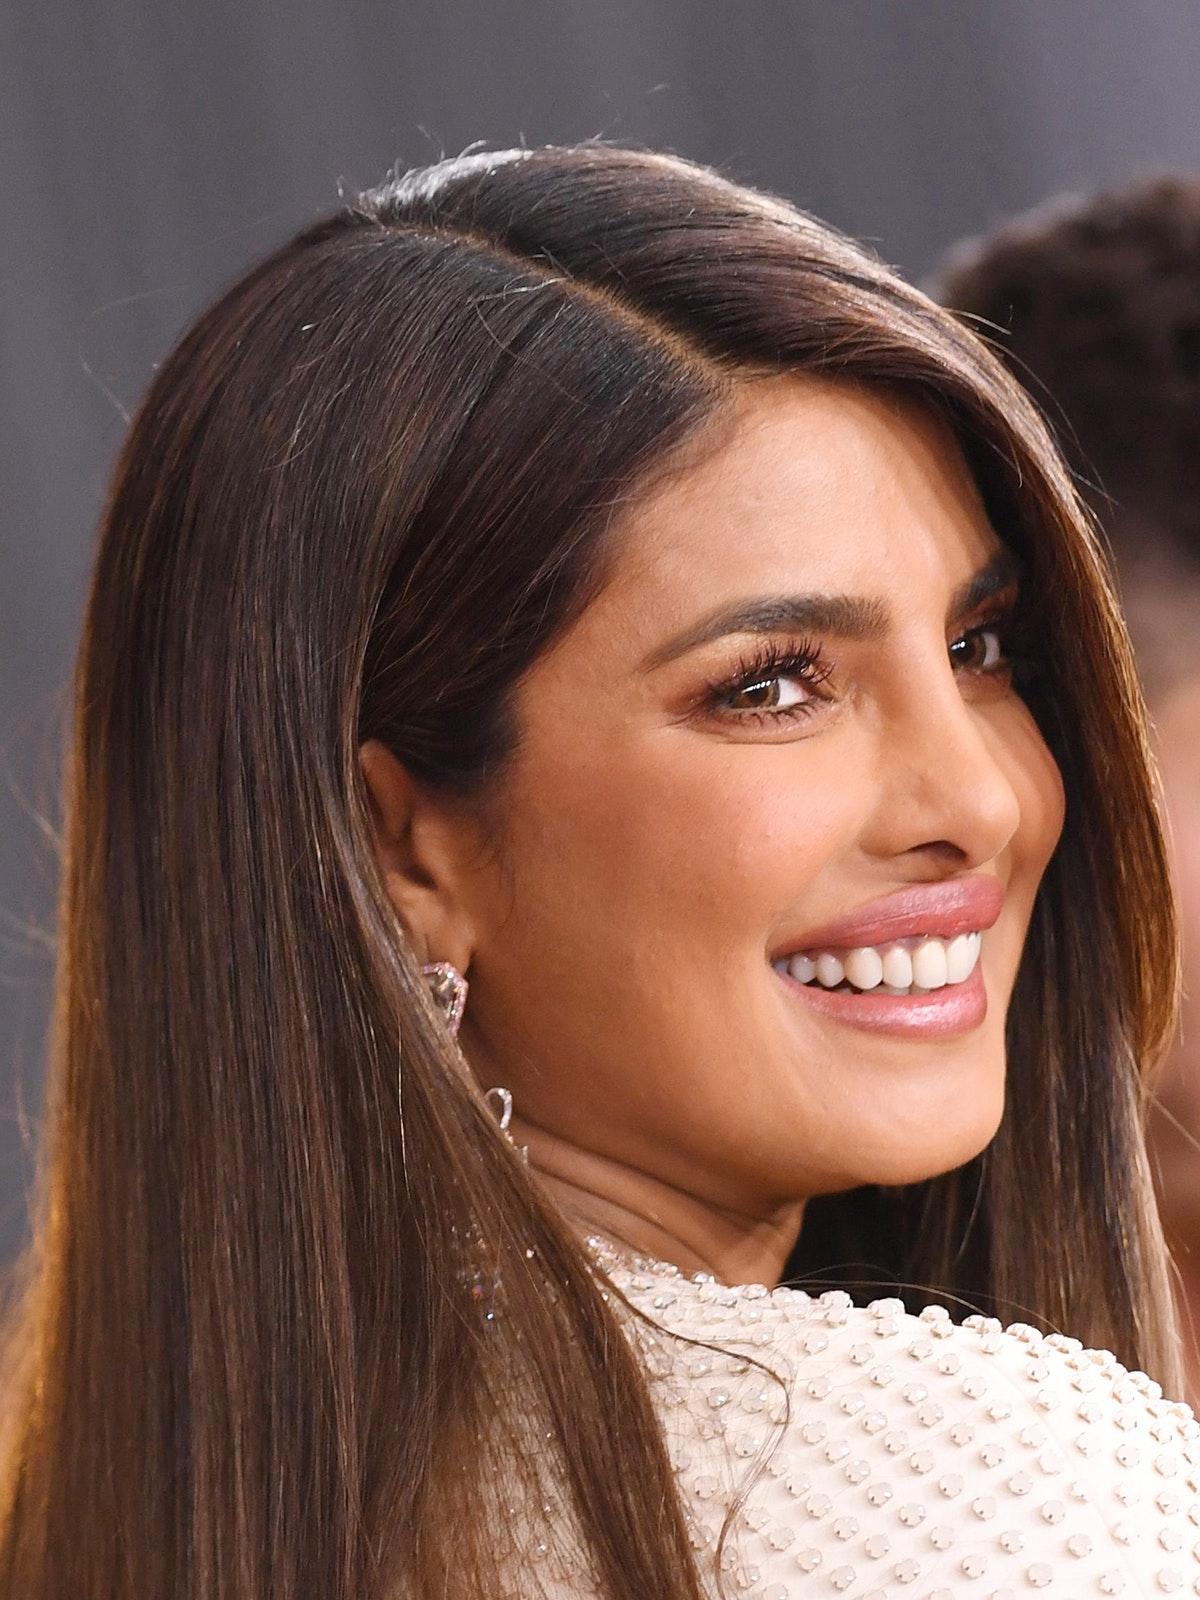 Priyanka Chopra Jonas 2020 Grammys Awards Best Beauty Looks